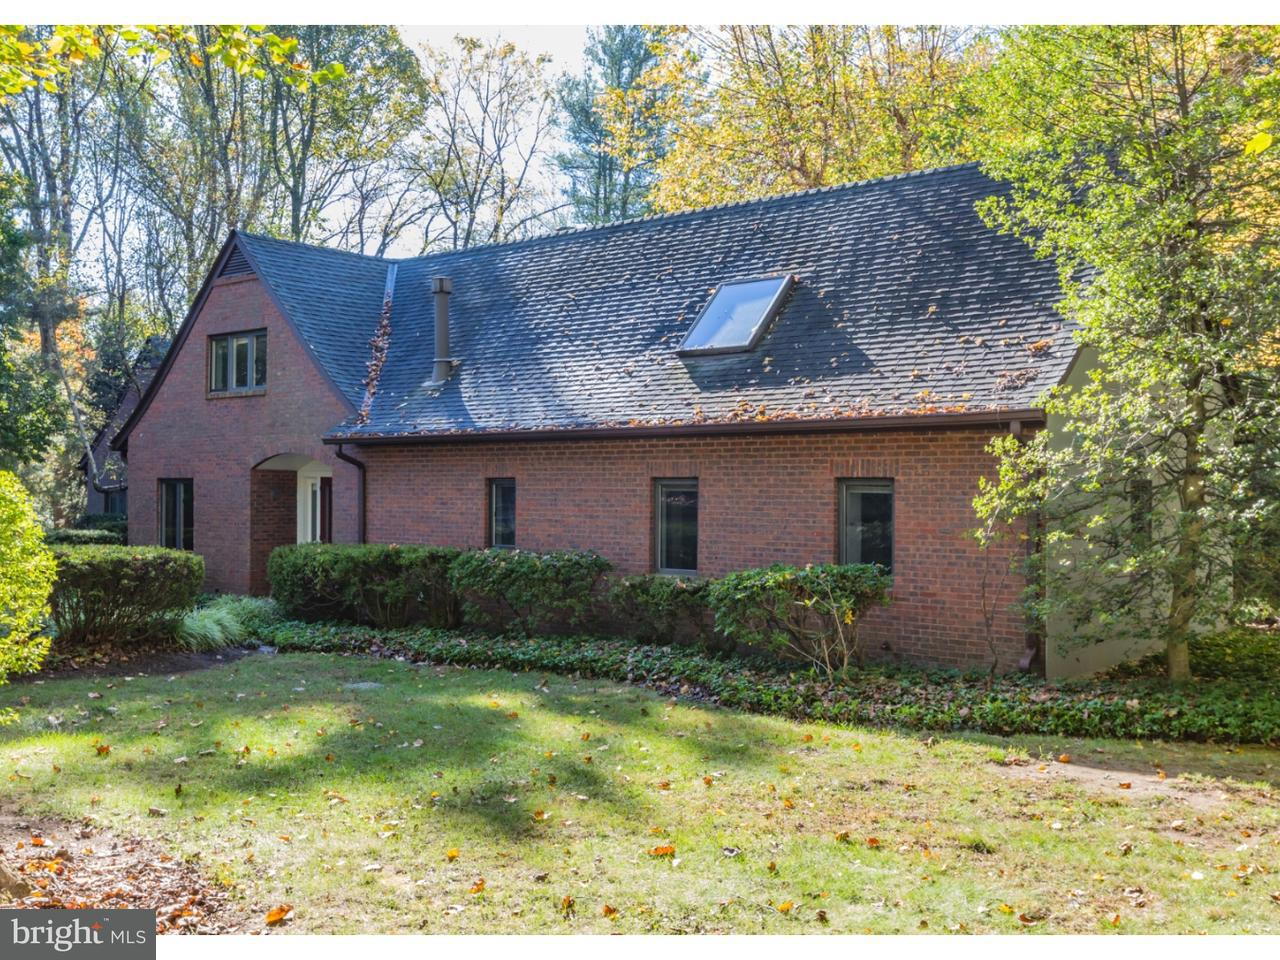 共管式独立产权公寓 为 出租 在 22 CONSTITUTION HL W 普林斯顿, 新泽西州 08540 美国在/周边: Princeton